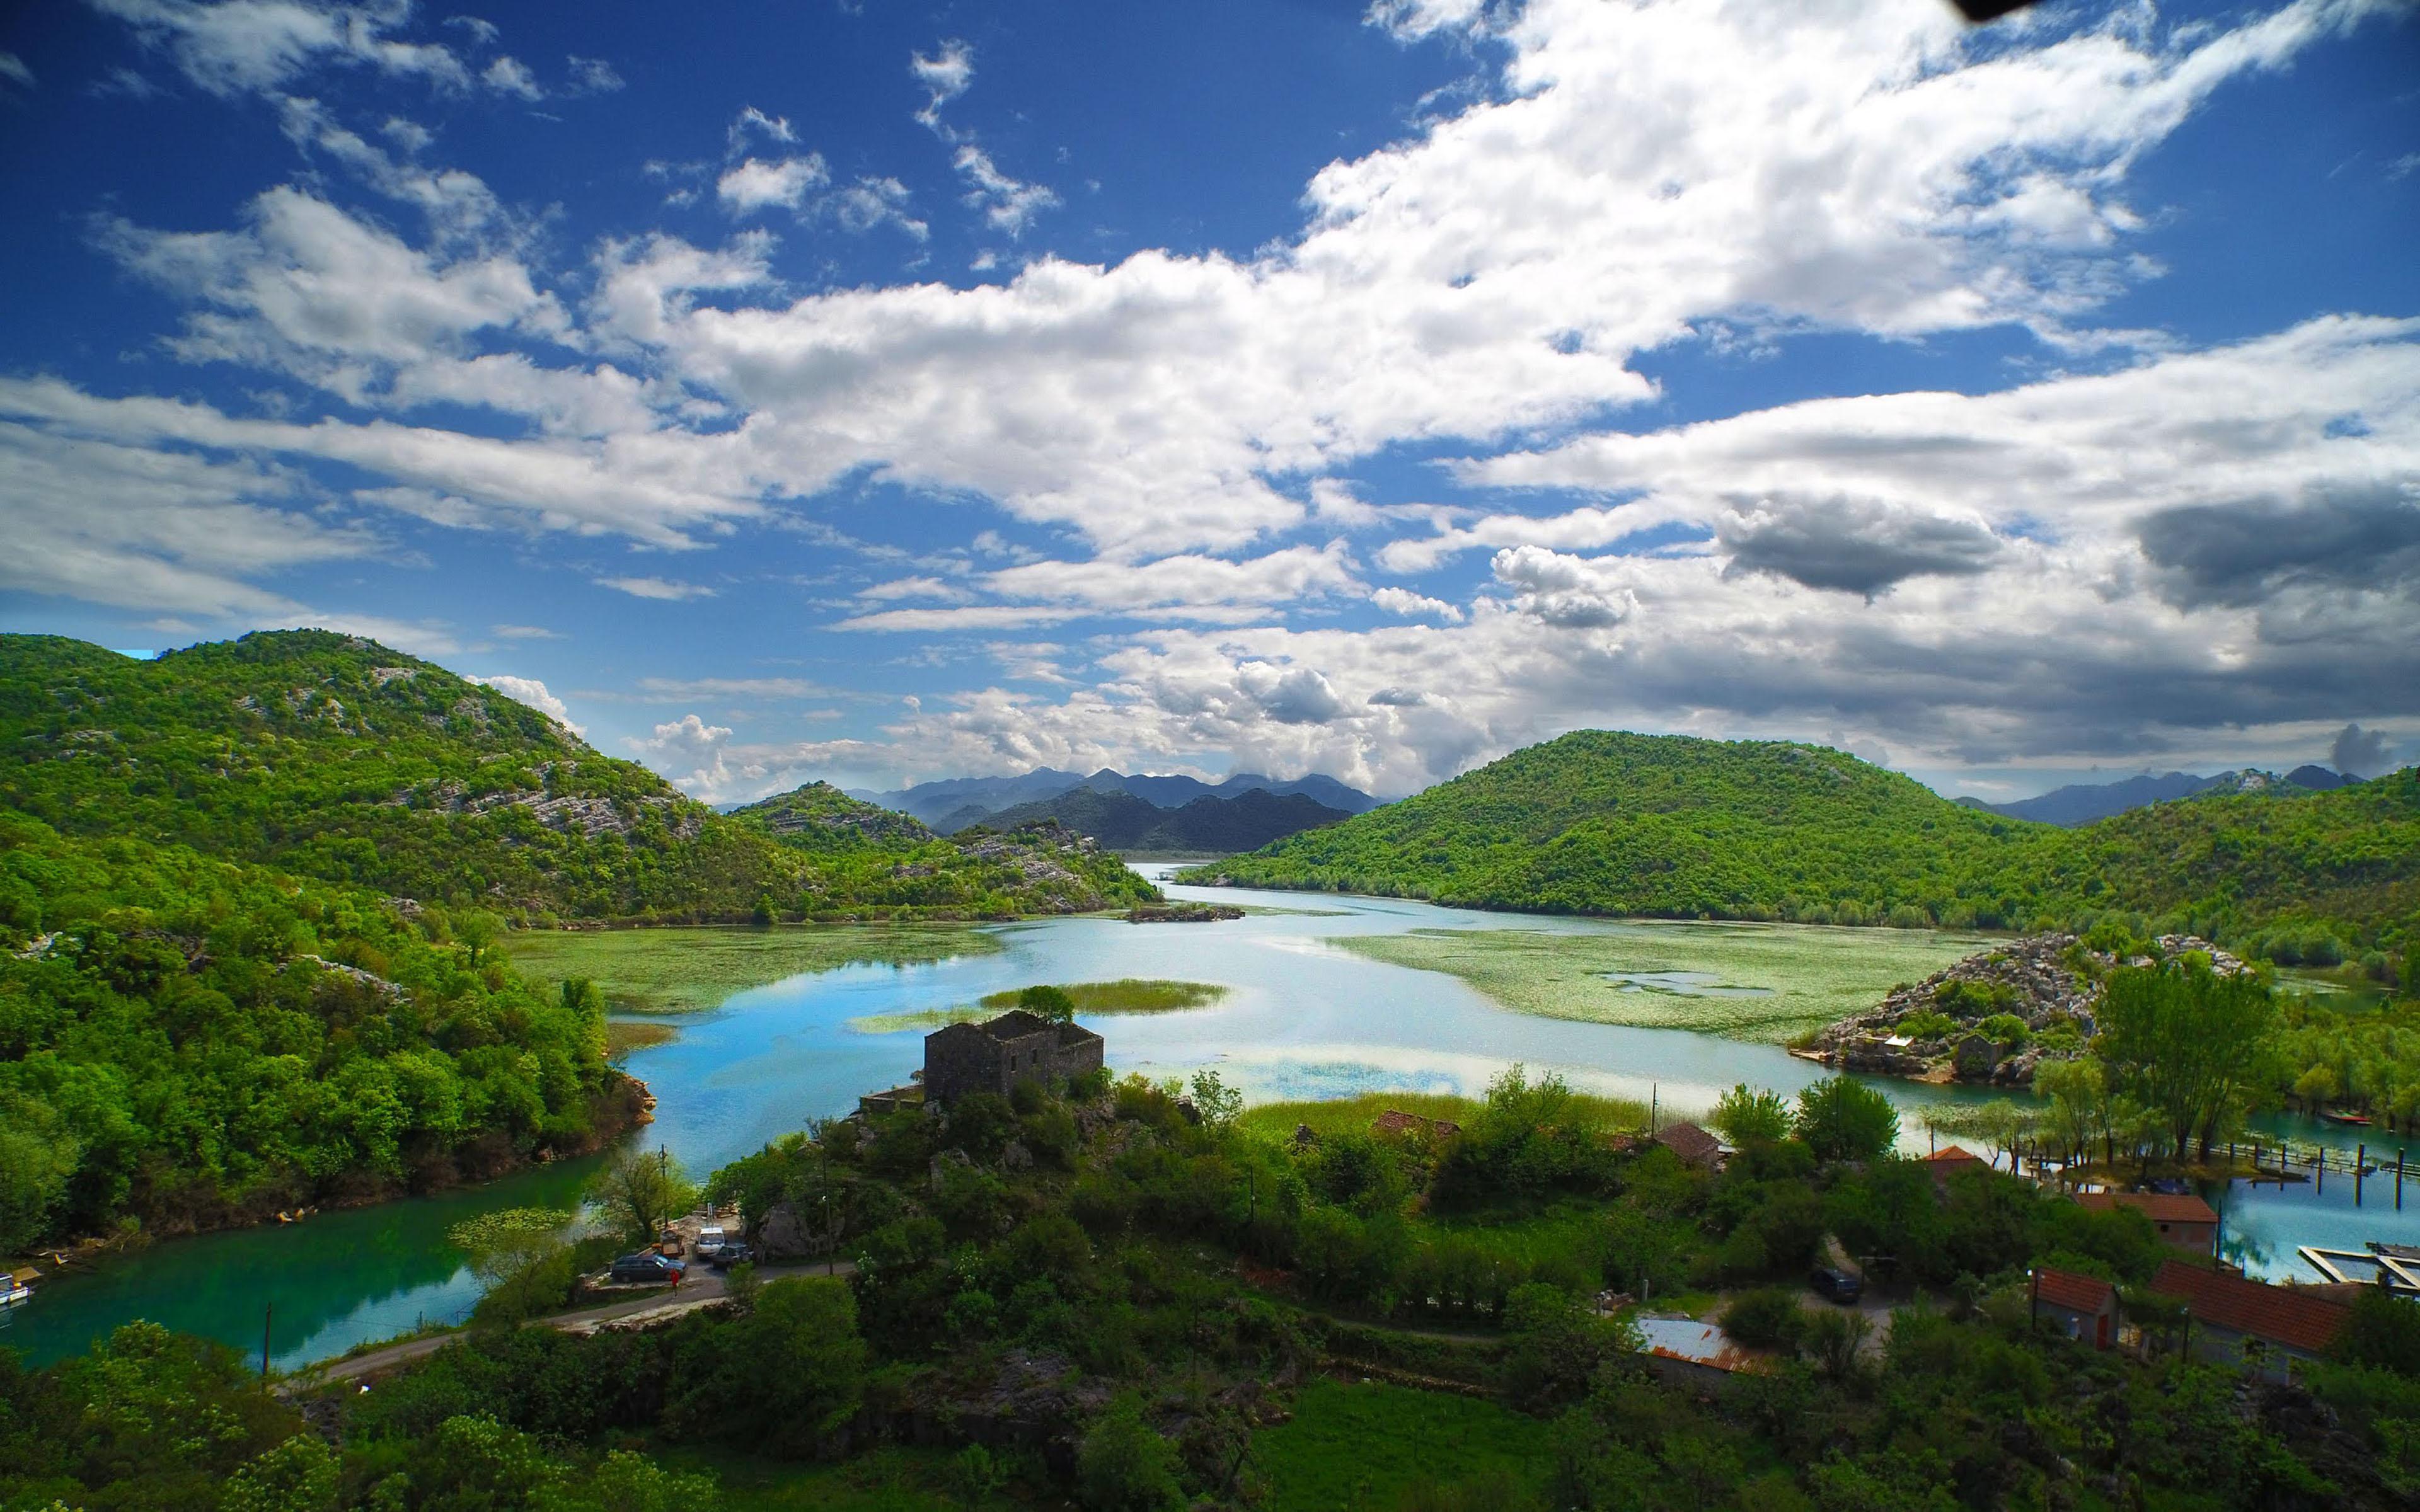 Fall Wallpaper For Desktop Free River Crnojevića Swim In Skadar Lake National Park